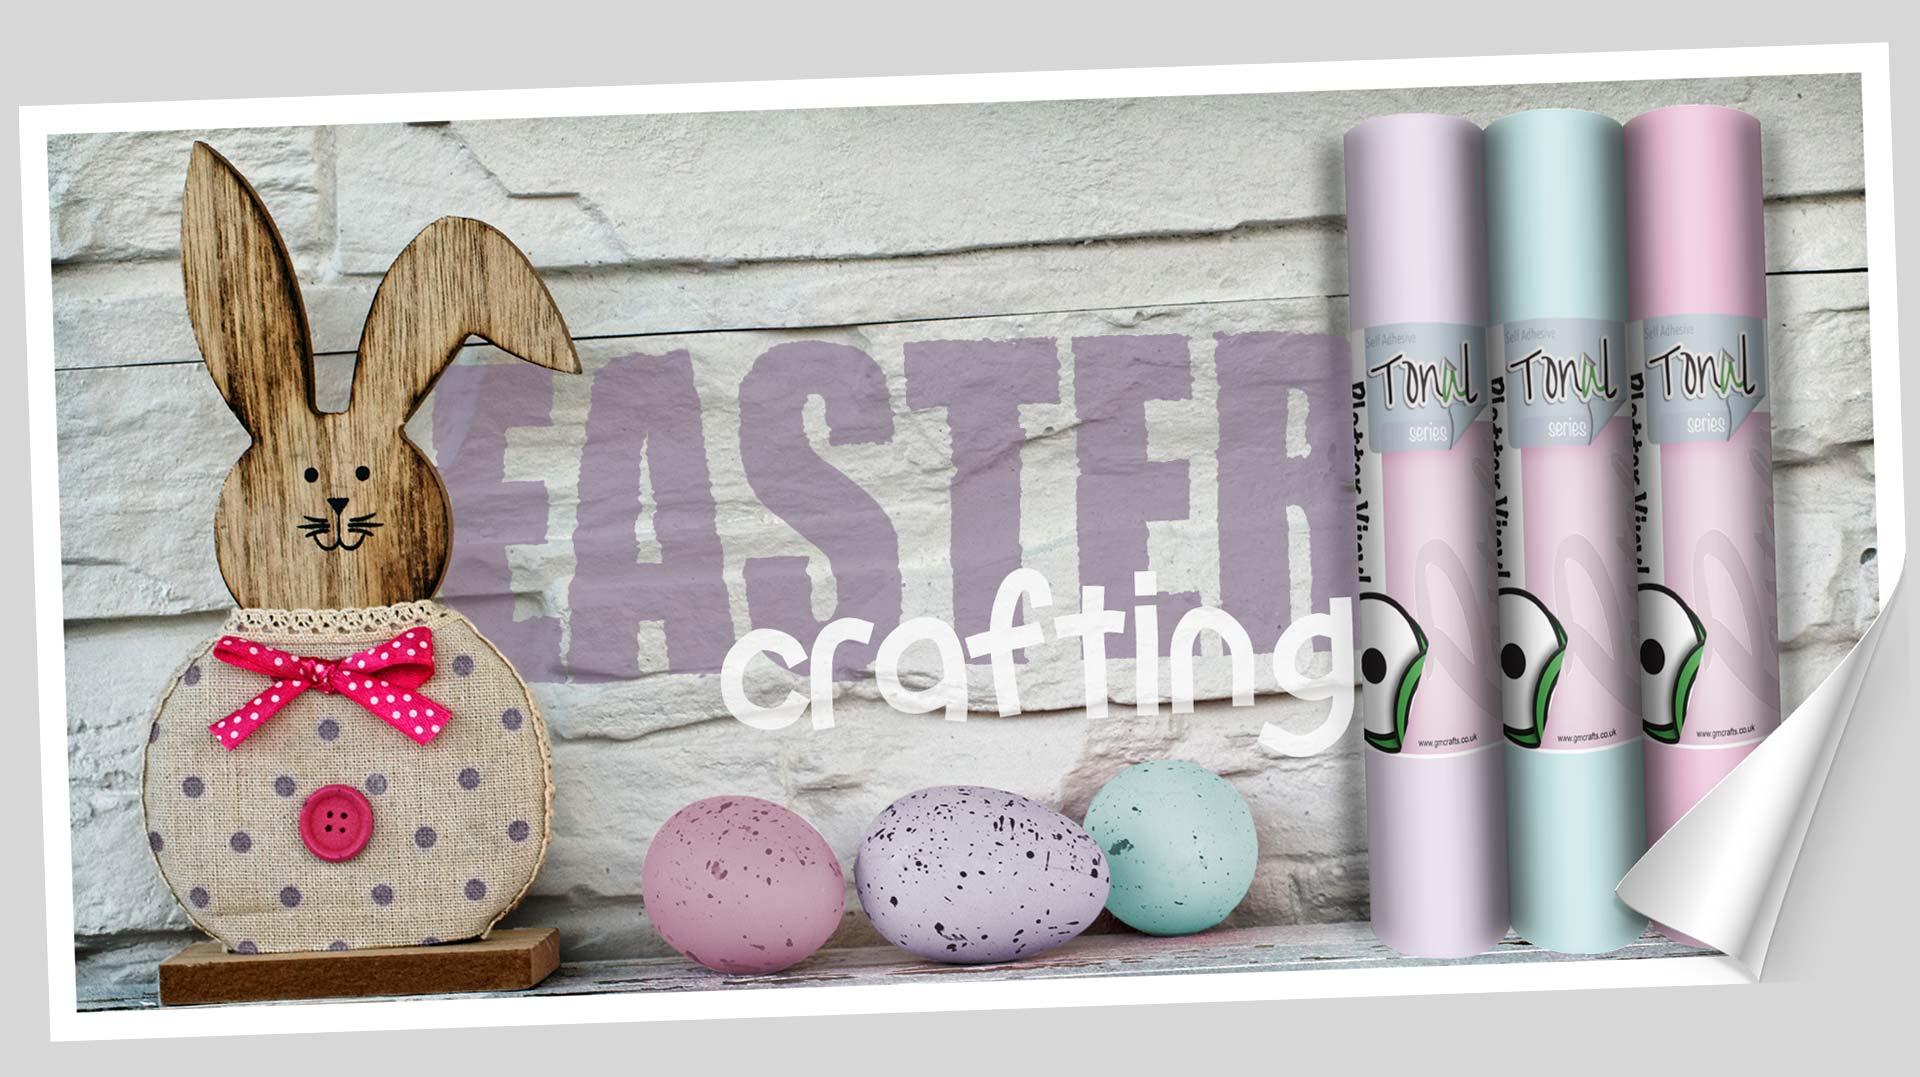 Desktop-Home-Page-Easter